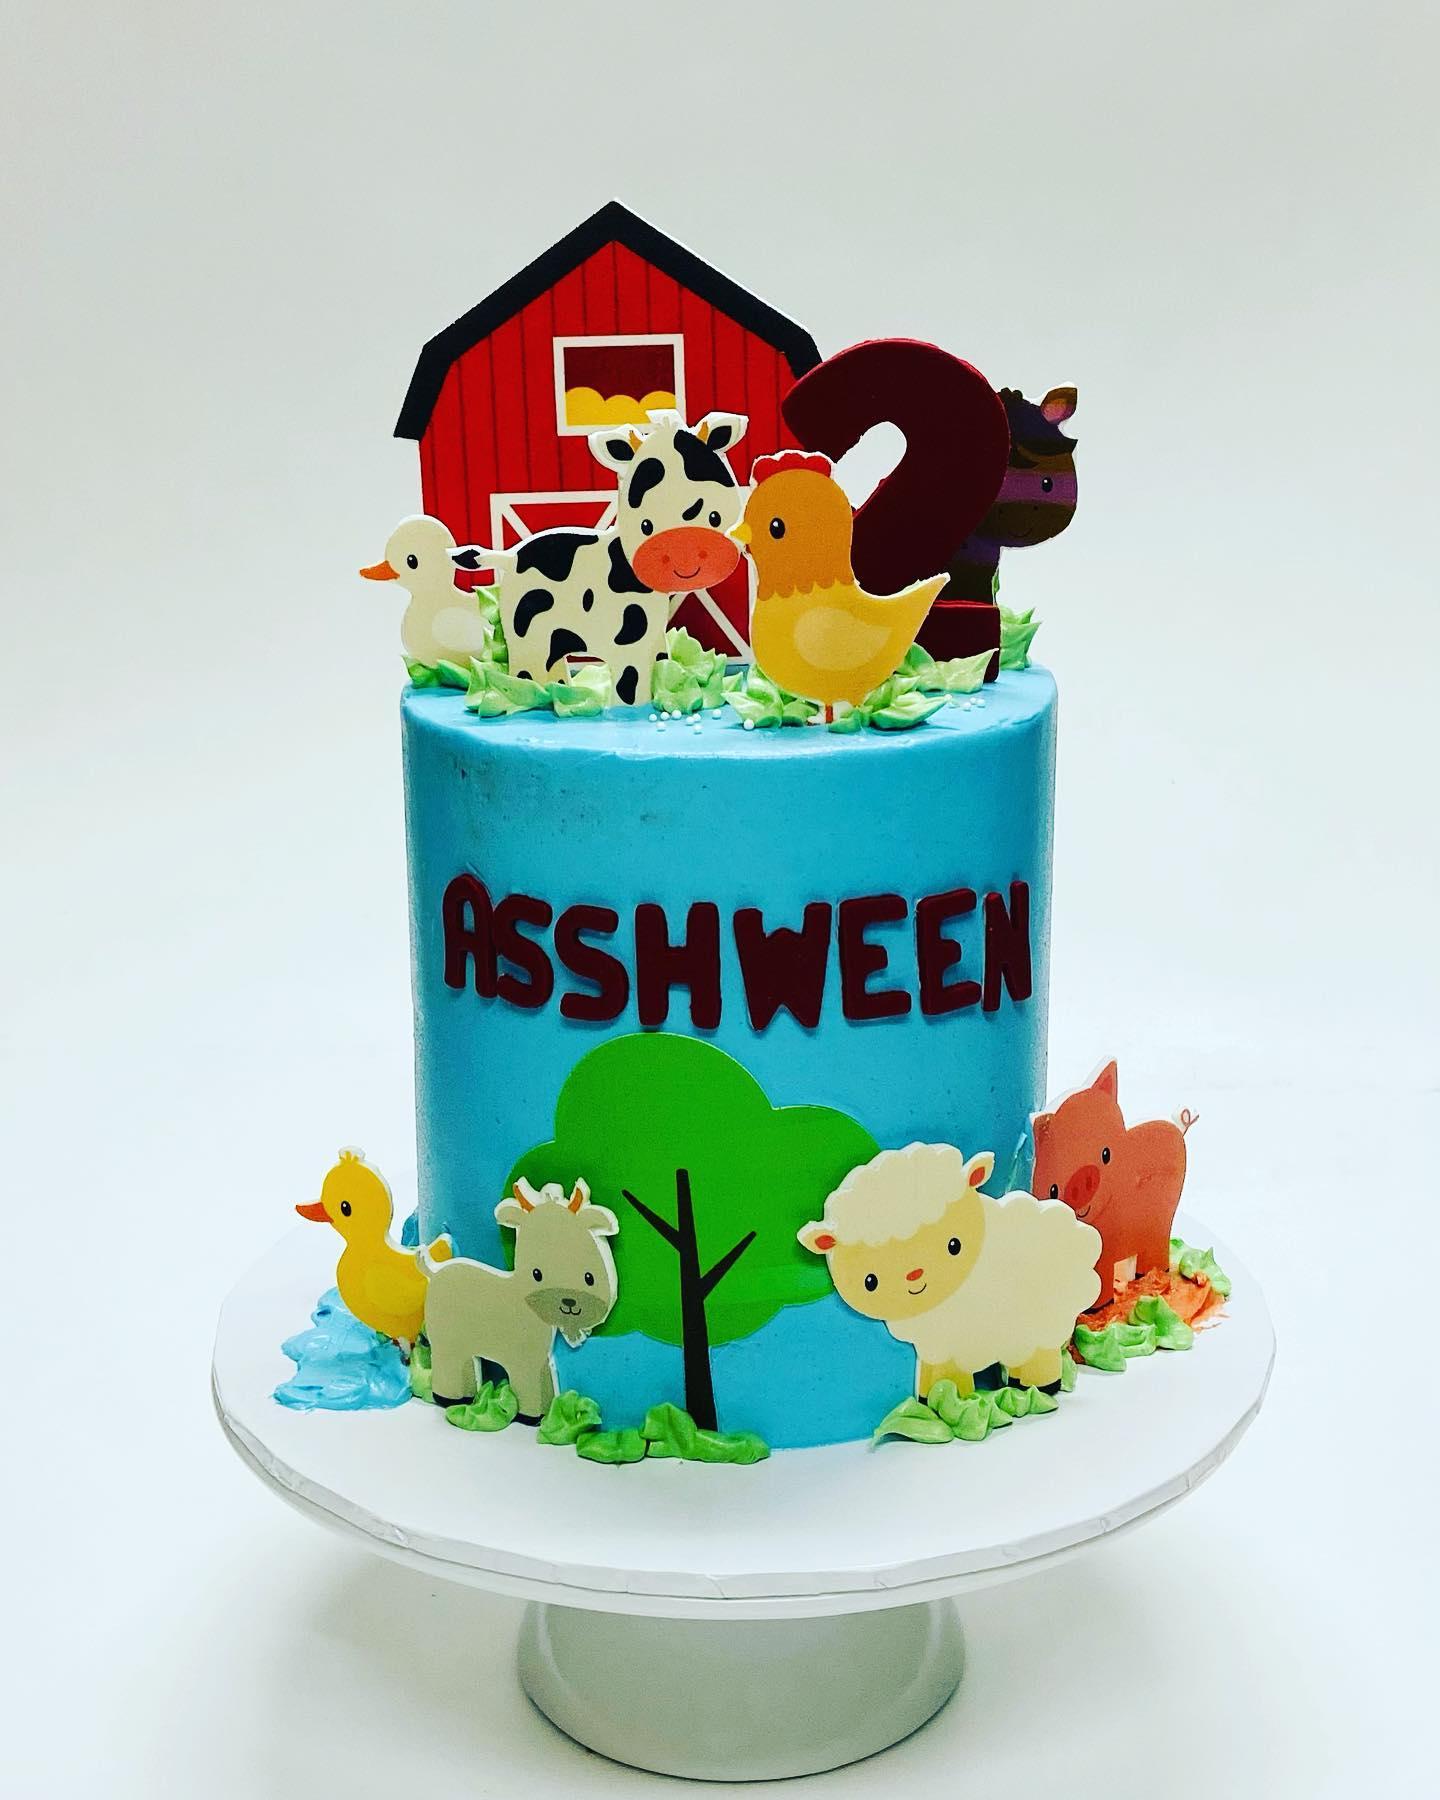 Asshween